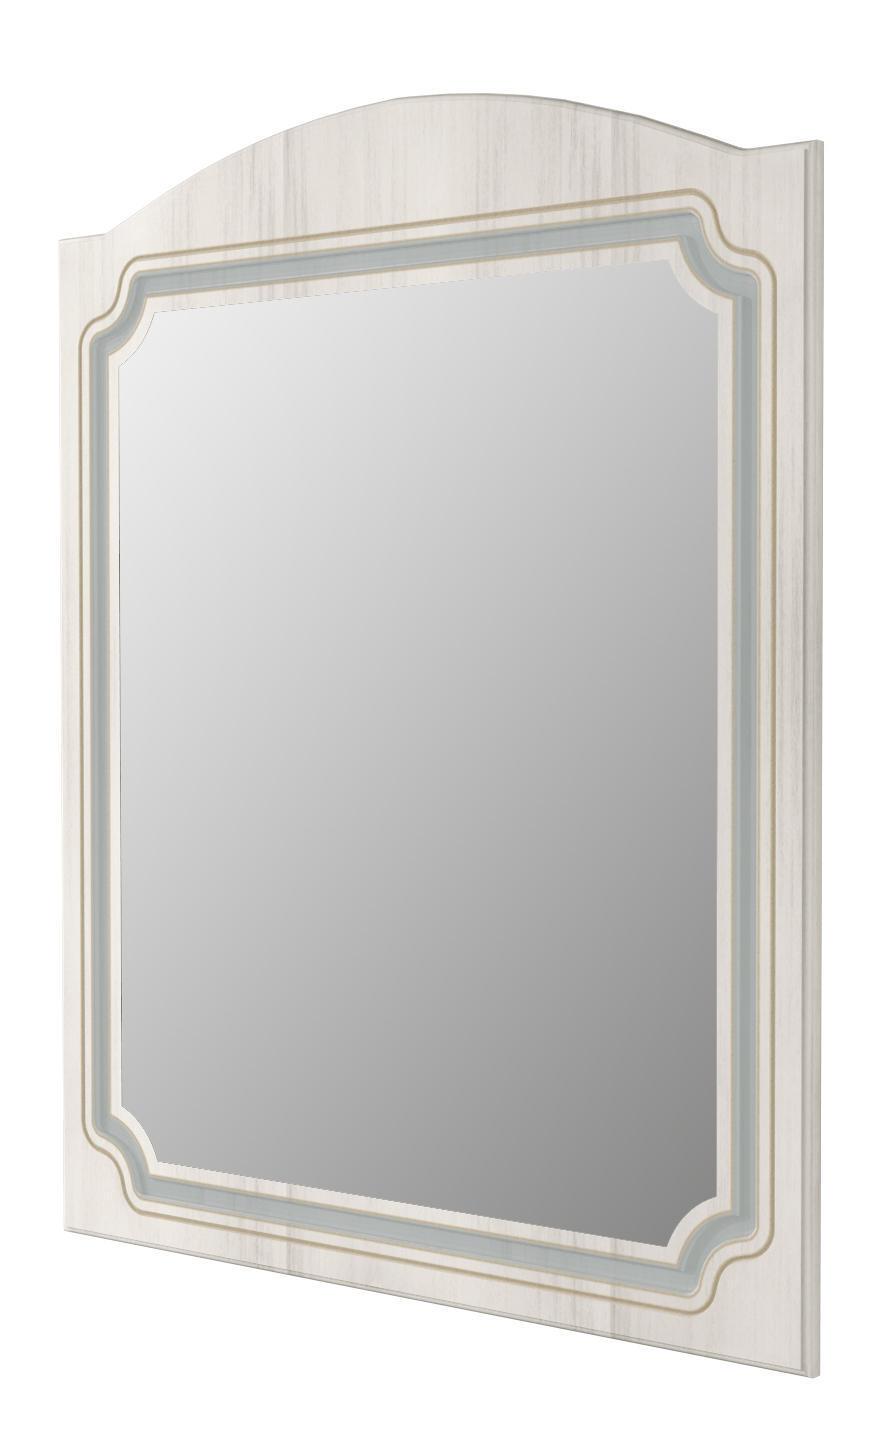 Specchio non luminoso bagno rettangolare Caravaggio L 80 x H 100 cm - 1